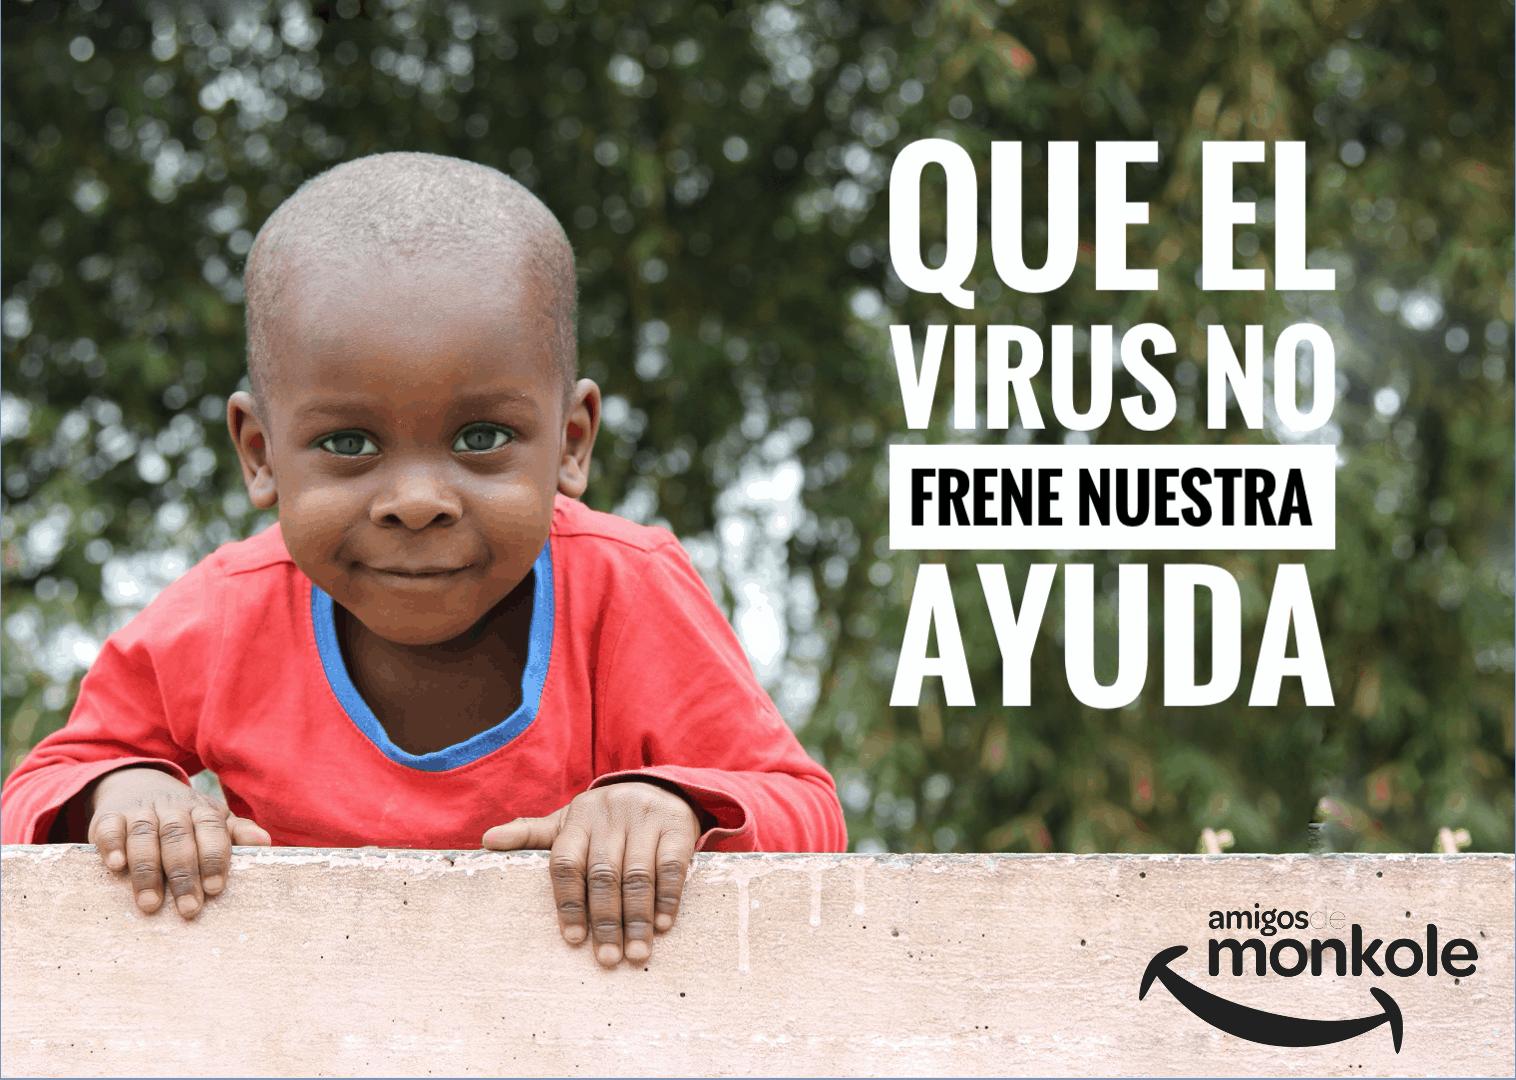 que el virus no frene nuestra ayuda